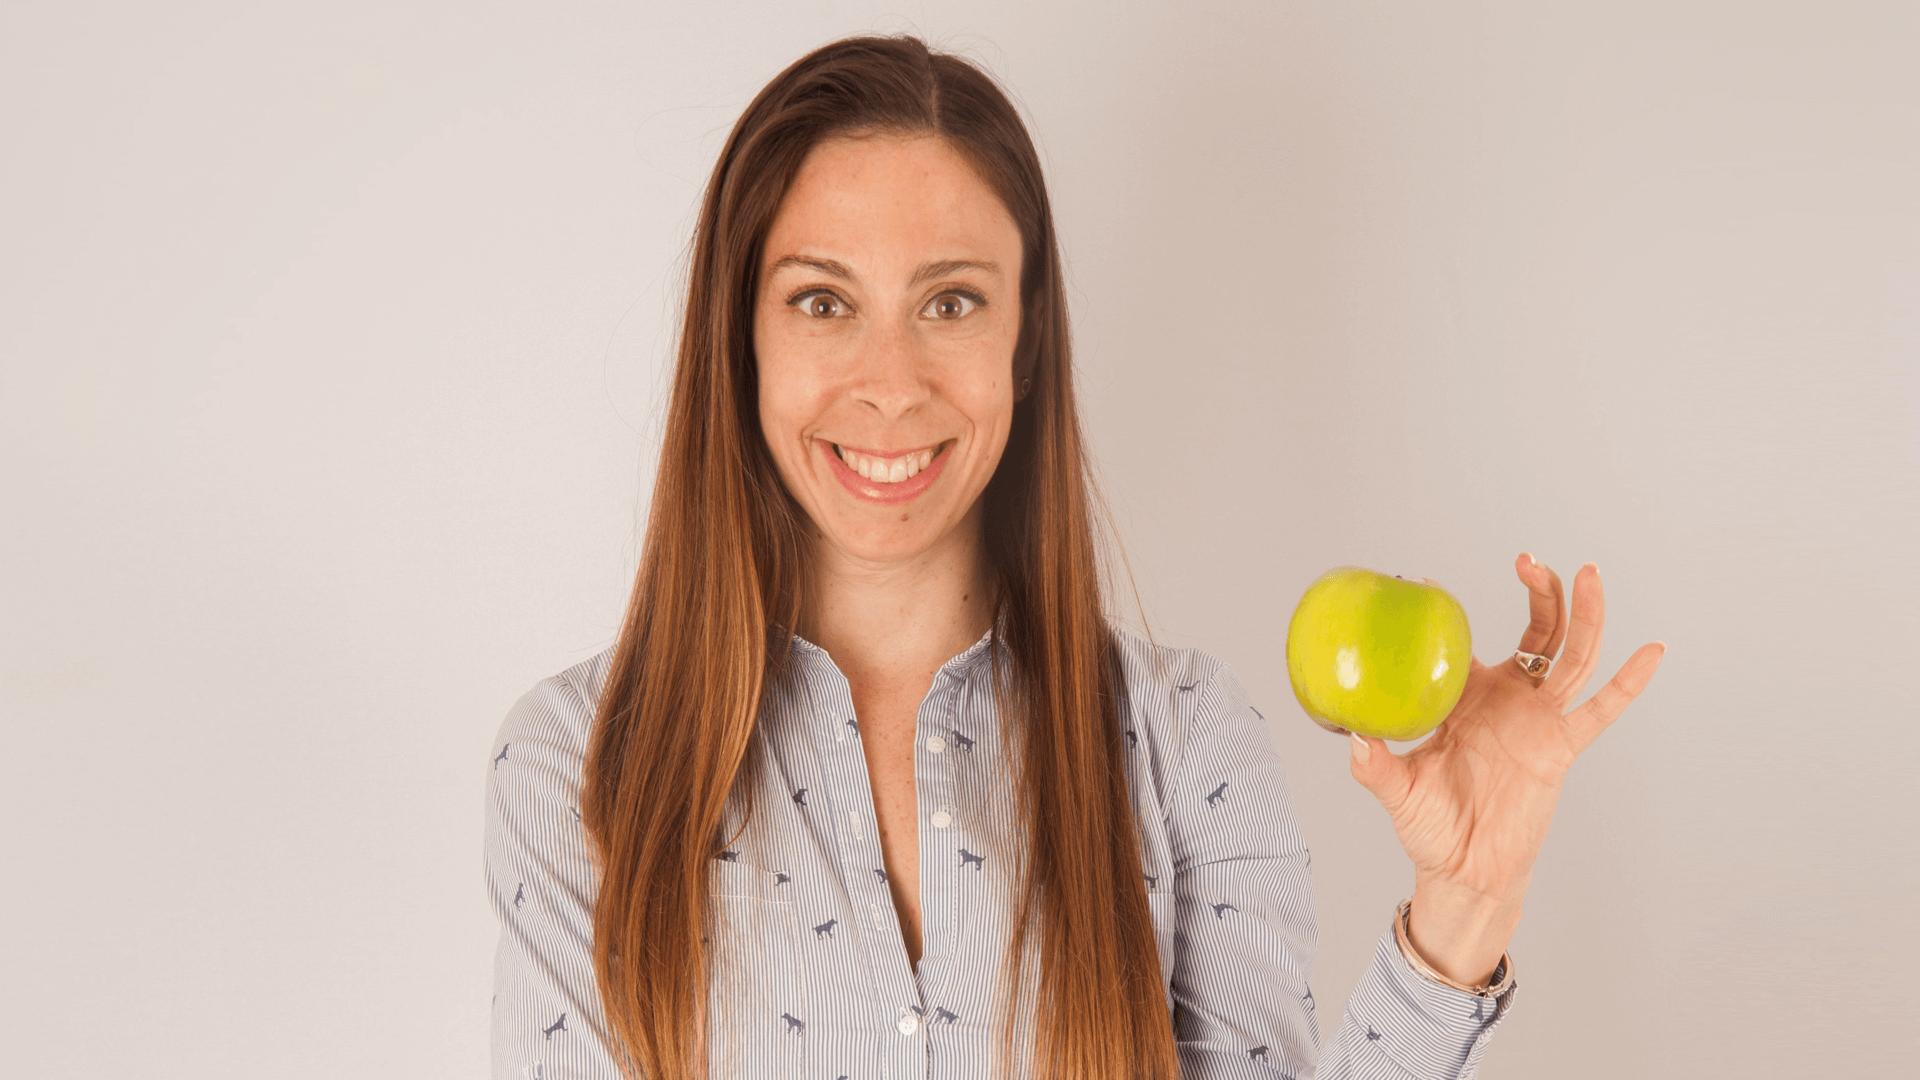 PODCAST: Mitos y verdades sobre las dietas y alimentación saludable